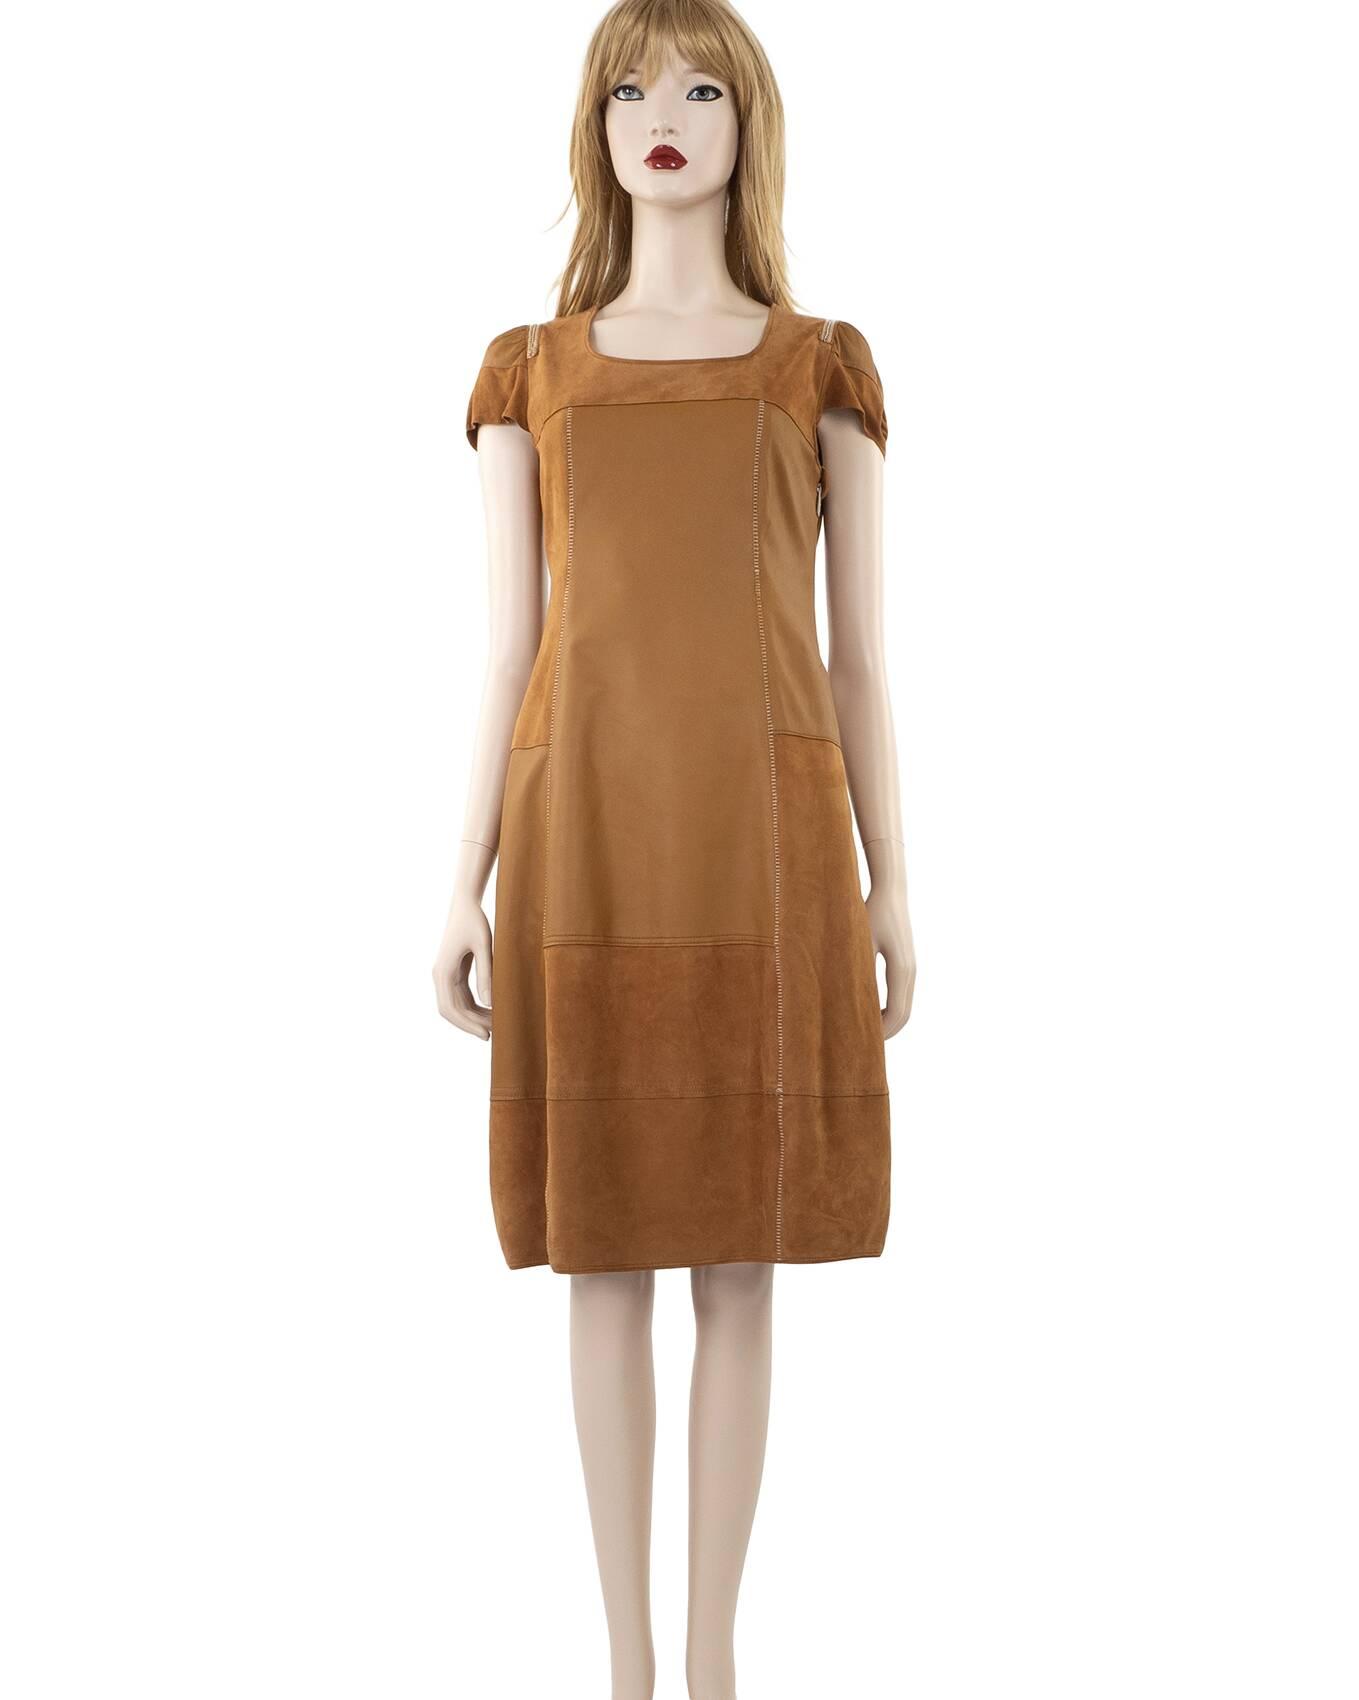 Kleid SEMBLANCE 564 | HIGH